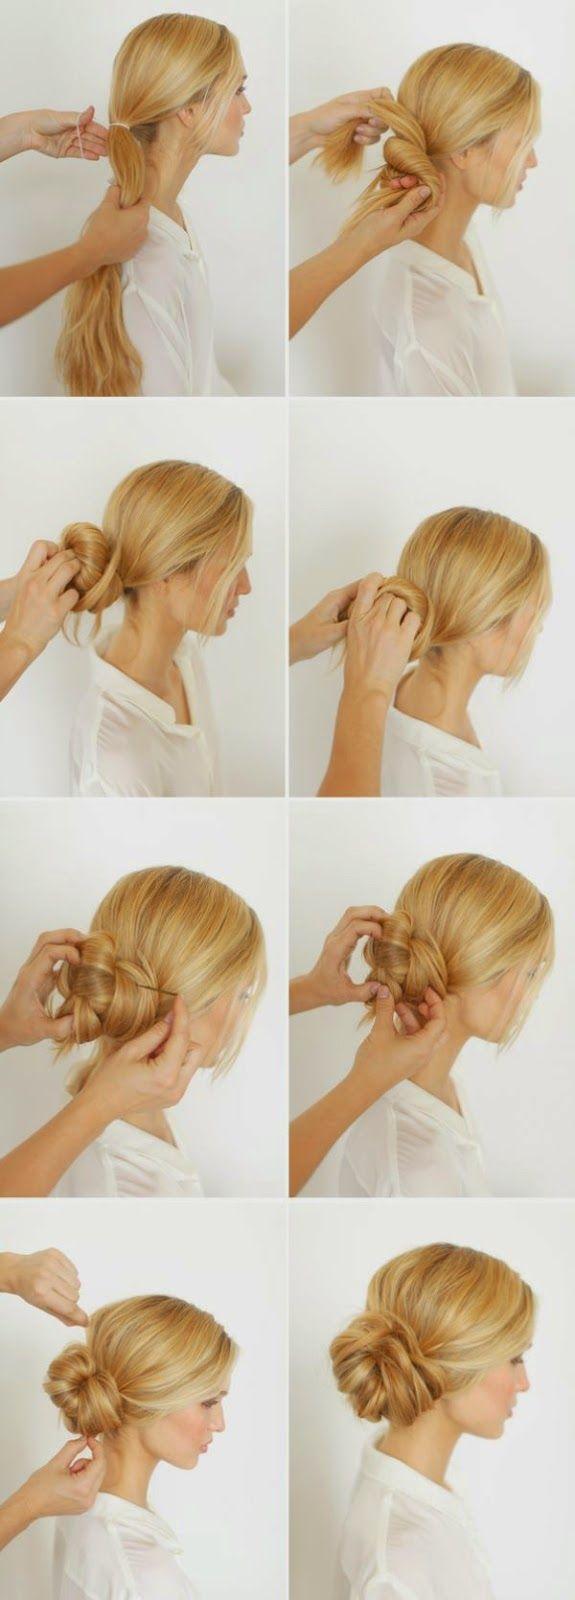 Knotted bun tutorial #hair #bun #beauty #easy #tutorial #diy